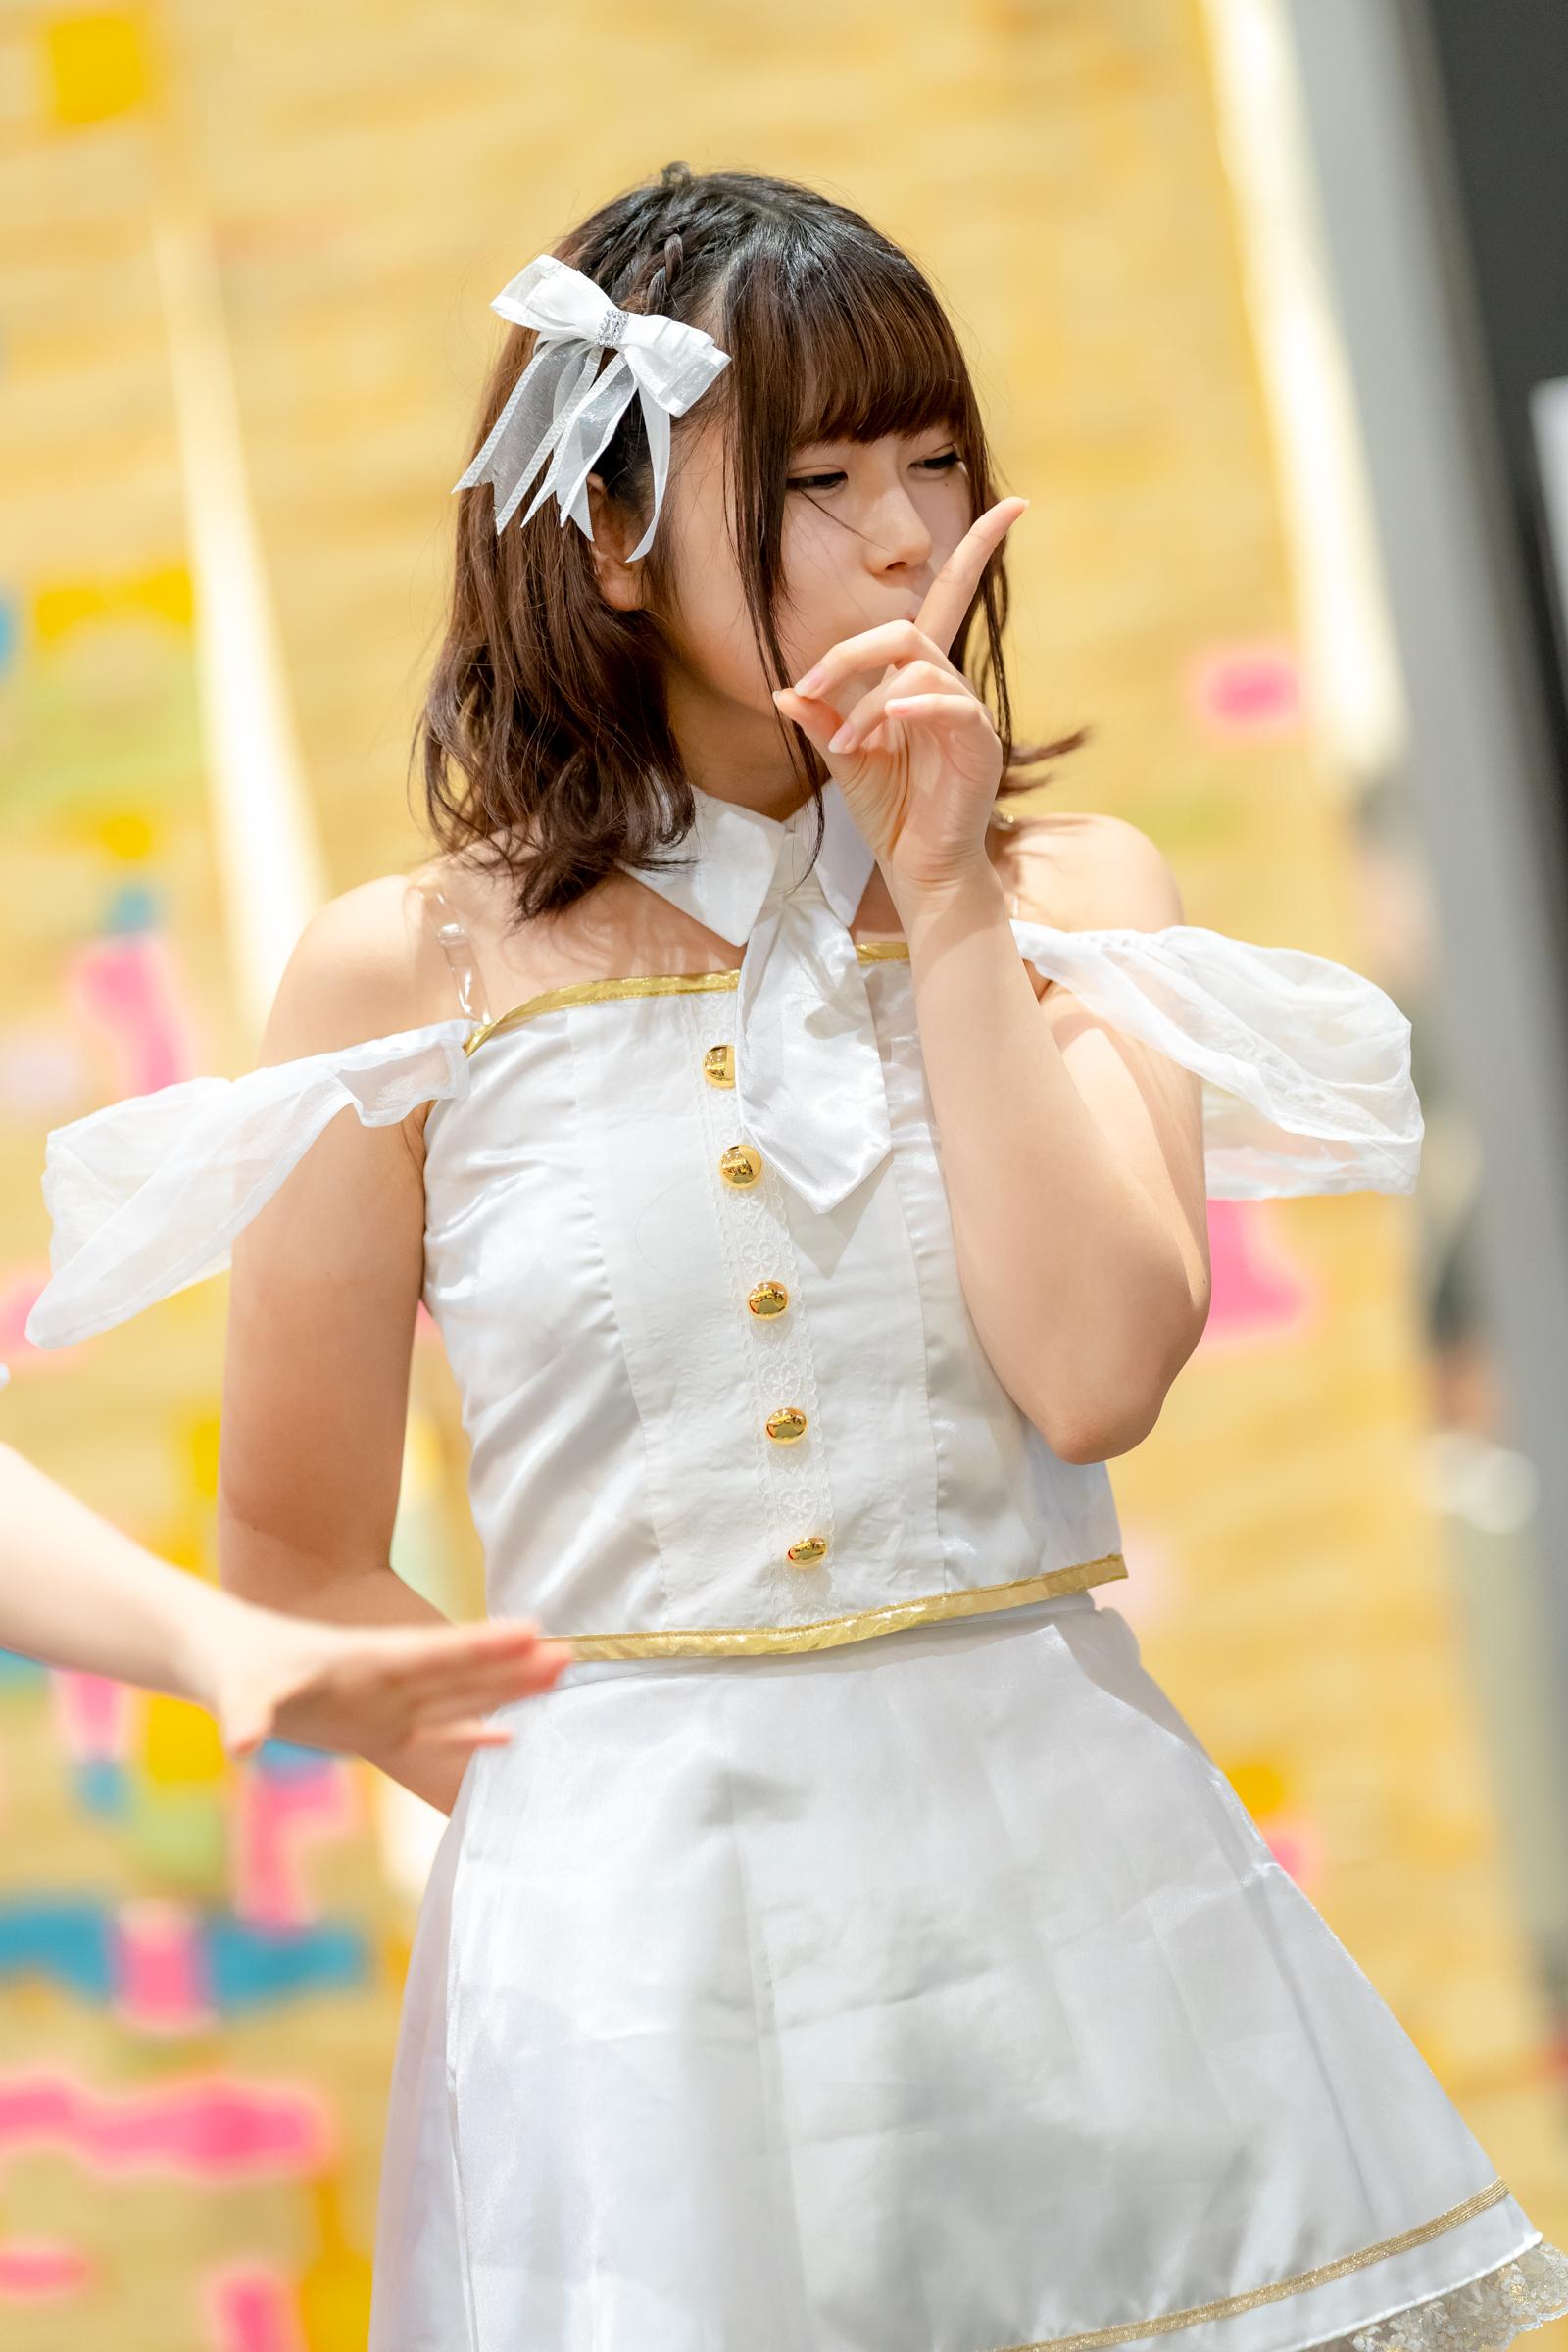 フルーティー♡ あいか ( 成瀬愛夏 ) | メジャーシングル第2弾「FRONT LINER」リリースイベント